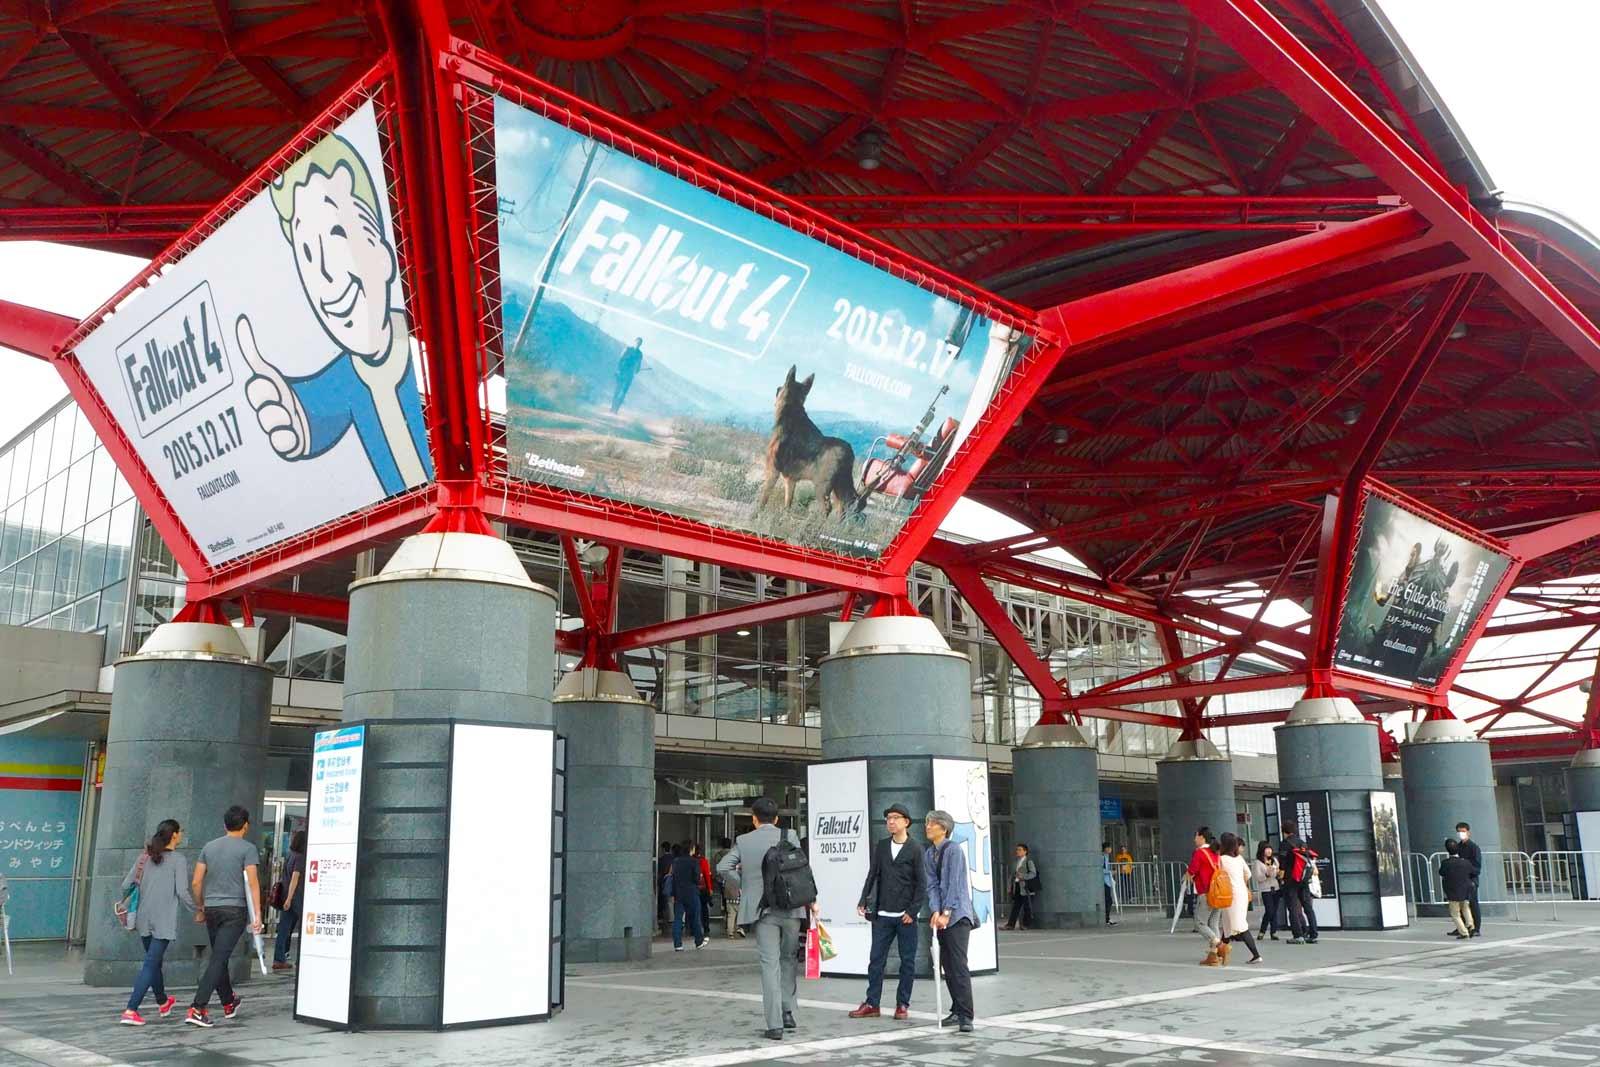 Fallout4 était un des titres en primeur au Tokyo Game Show 2015, avant sa sortie en novembre dernier.